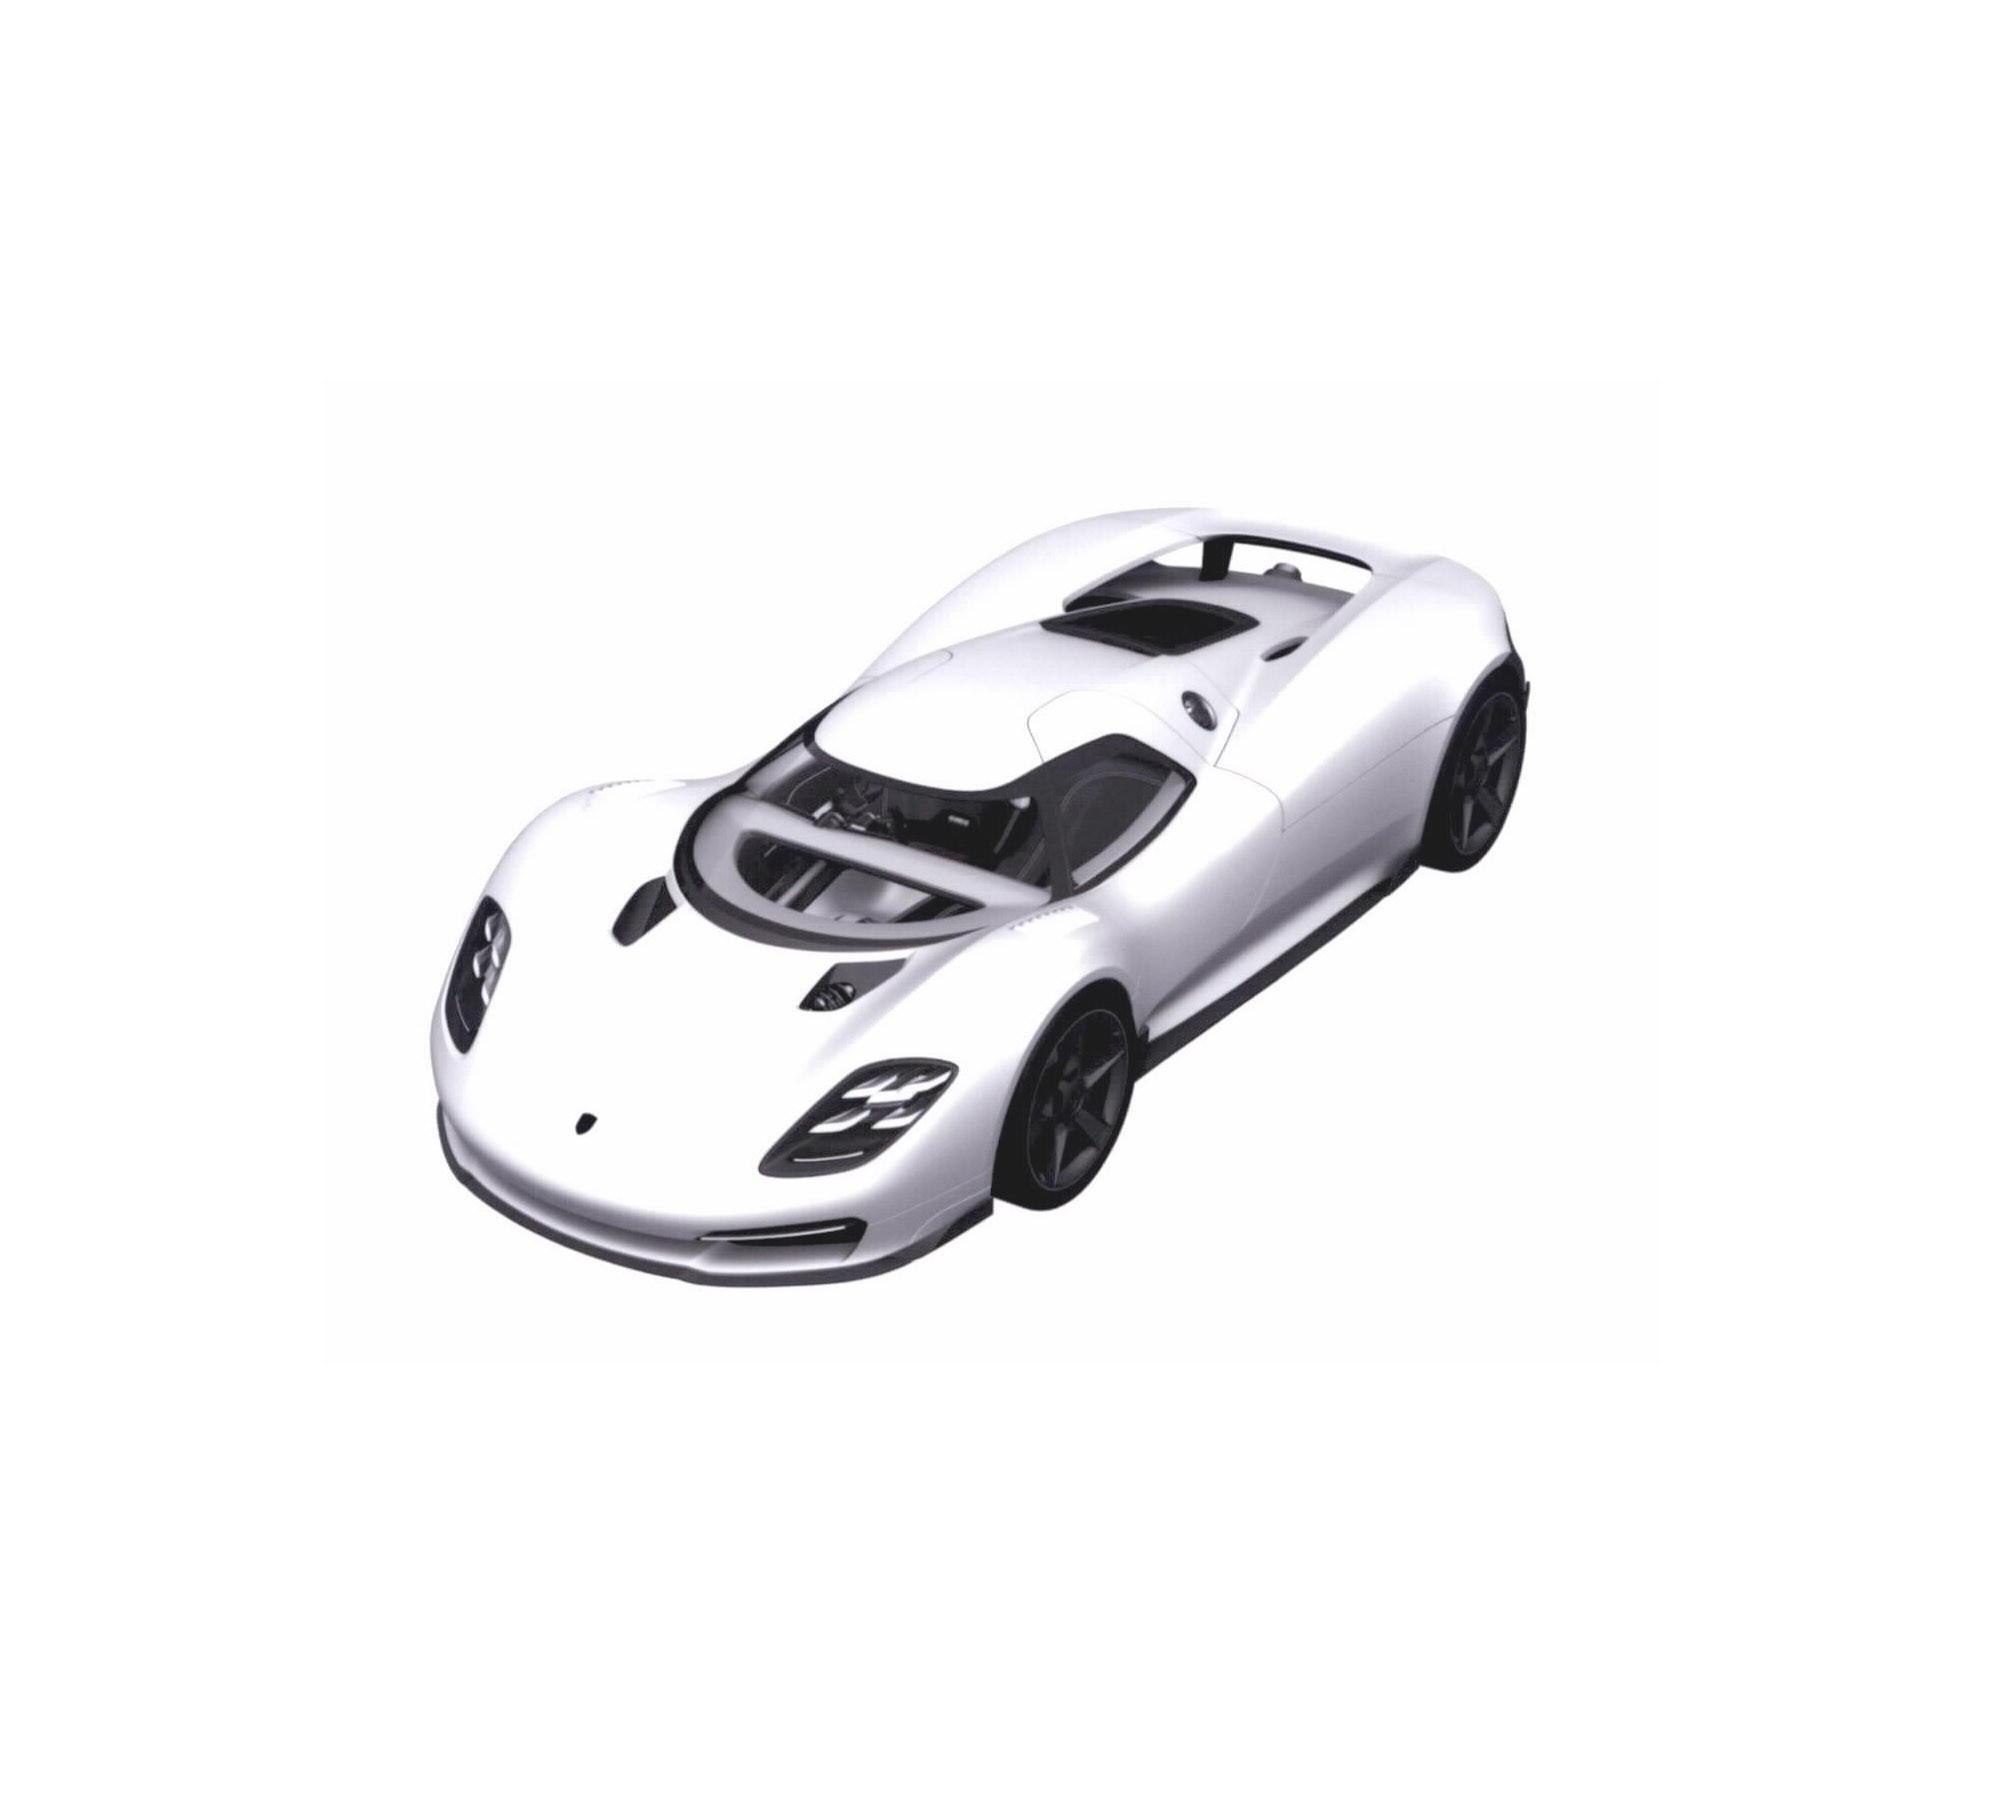 2020 Porsche 960 Concept and Review